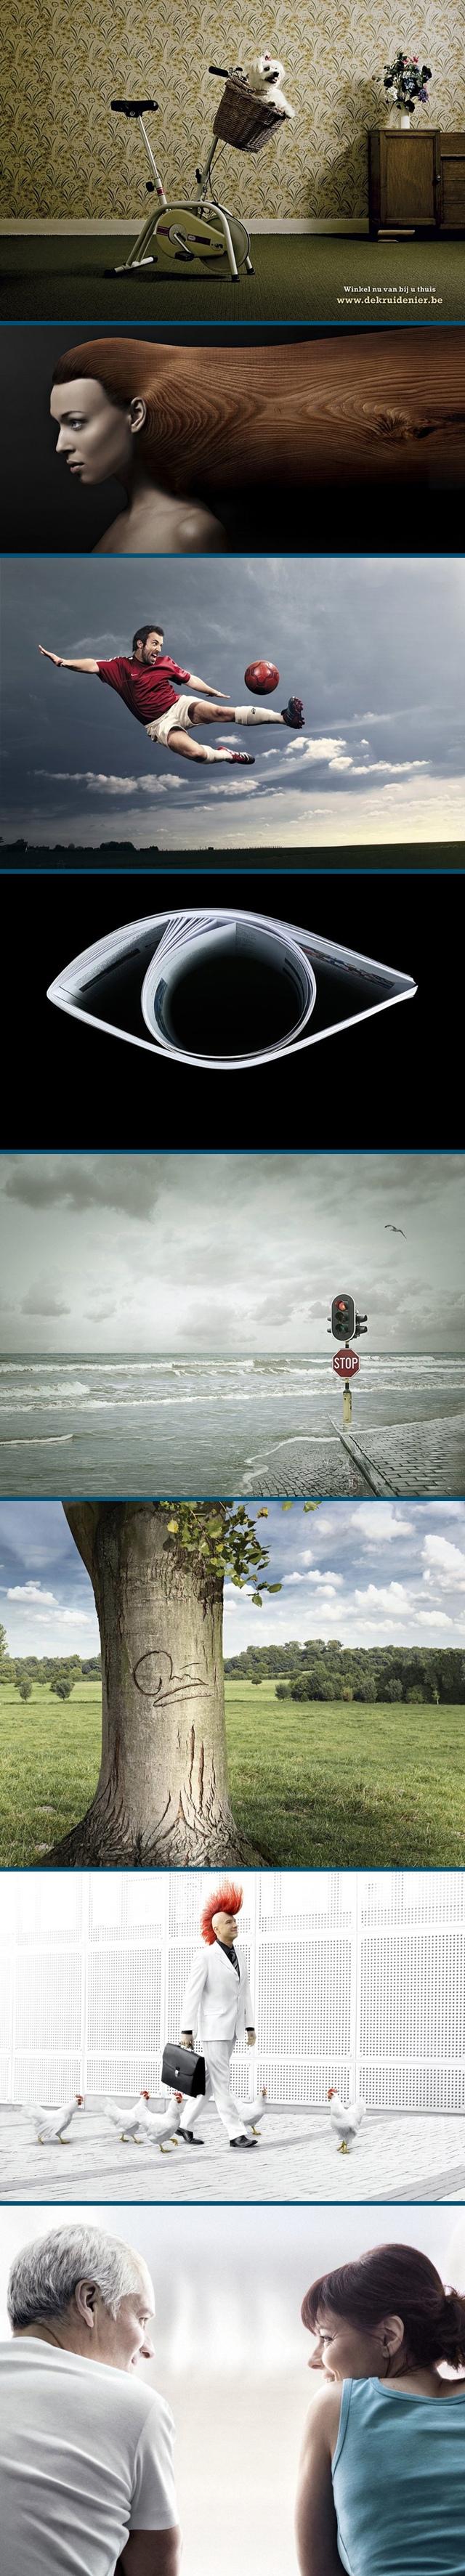 기발하고 재미있는 광고 이미지